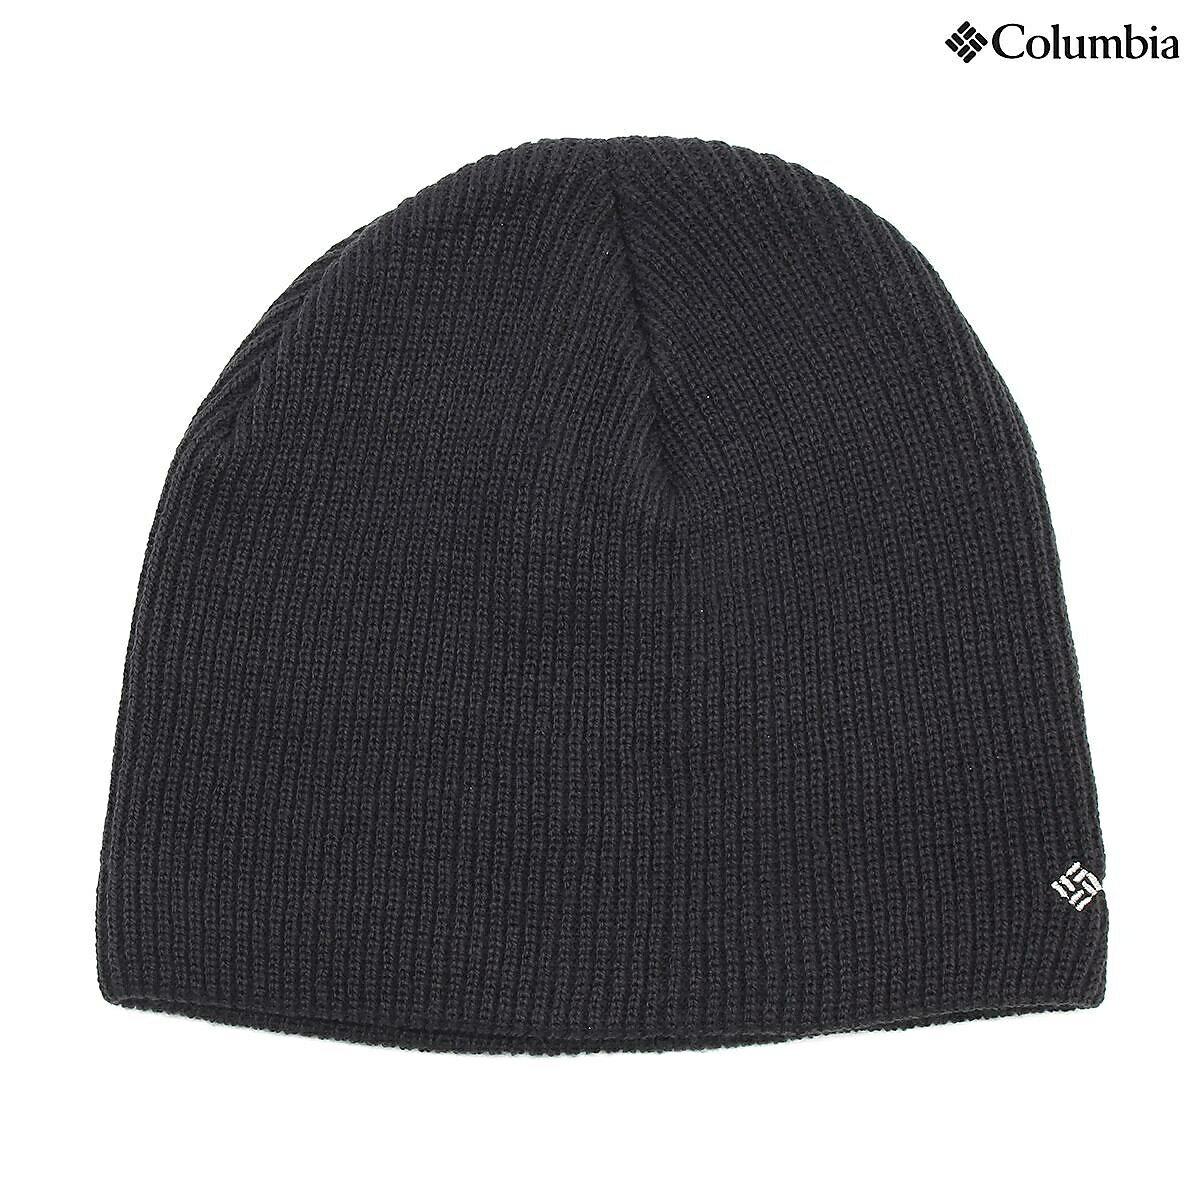 ● Columbia (コロンビア) シーズンスポーツ メンズアパレルアクセサリー ウィリバードウォッチキャップビーニー O/S BLACK BLACK CU9309-014